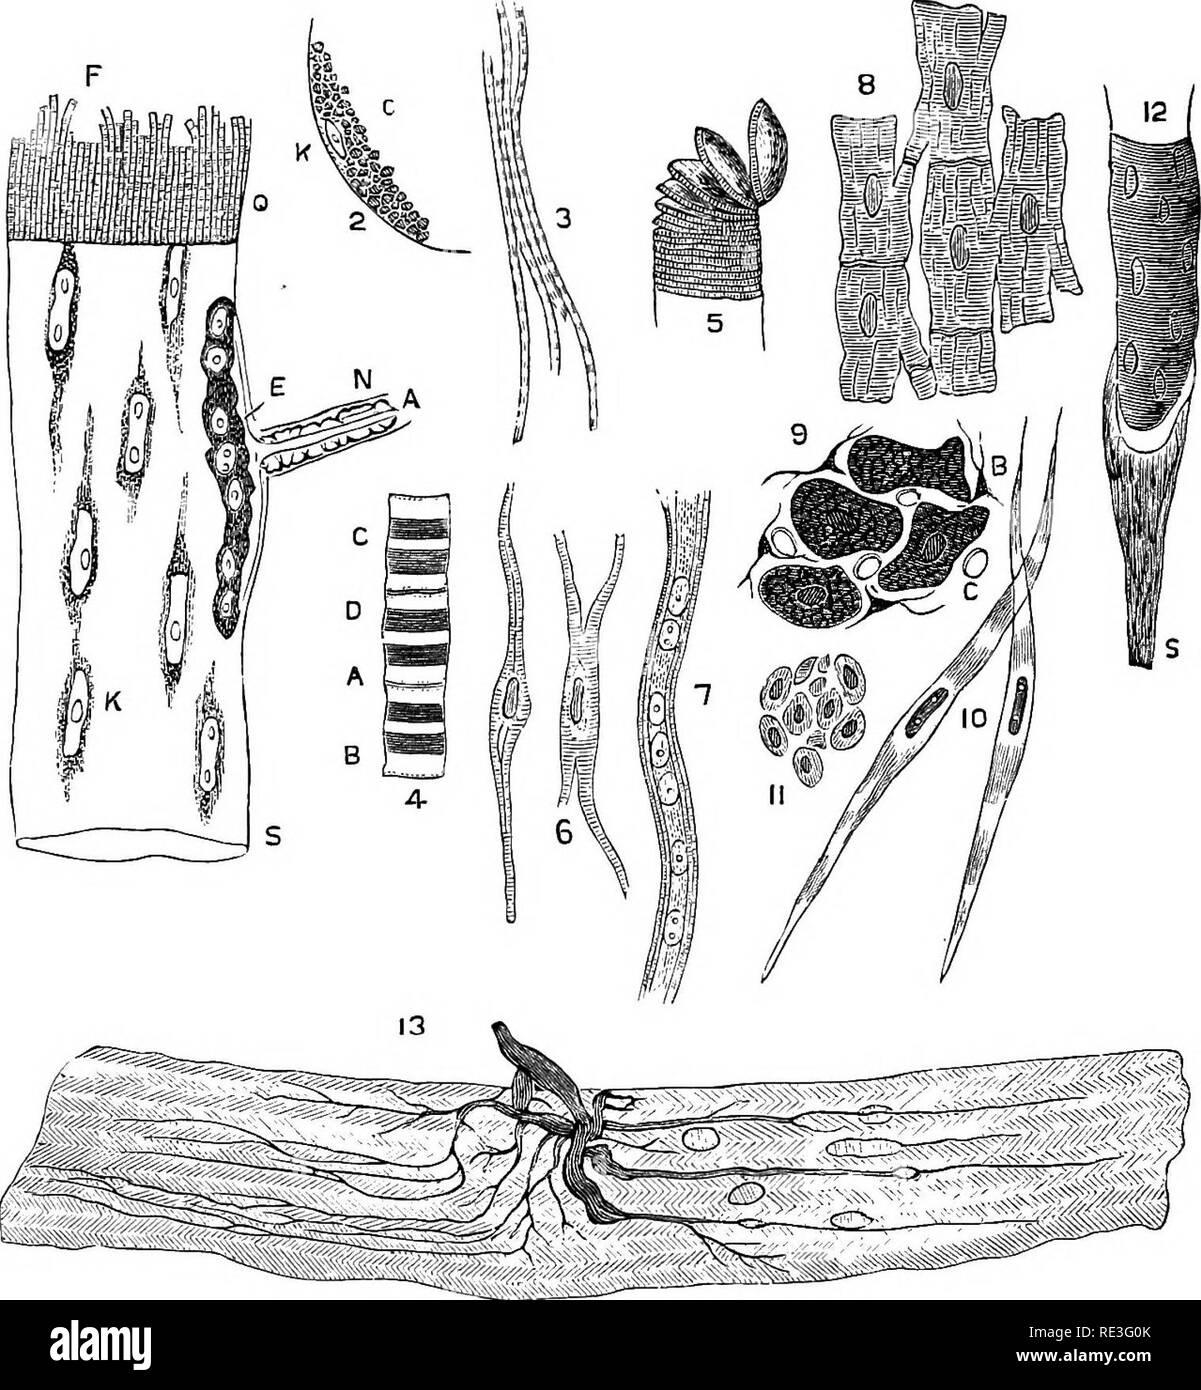 . La fisiología de los animales domésticos ... Fisiología, comparativo; fisiología veterinaria. 702 La FISIOLOGÍA DE LOS ANIMALES DOMÉSTICOS. a través de la fibra a intervalos regulares (membrana de Krause). Dentro de esto es la sustancia sarcous recubierto de grasa, o el tejido contráctil de la muscu- lar la fibra, que es muy amplio, y doblemente refractiva refracción, disco y los núcleos o músculo-corpúsculos. El músculo-corpúsculos son por lo tanto dentro del sarcolema, y es a expensas de su protoplasma. Fig. 271.-El tejido muscular, después Gkrlach. (Ellenberger.) ,1, esquema de las diferentes partes del muscular seccionado Foto de stock